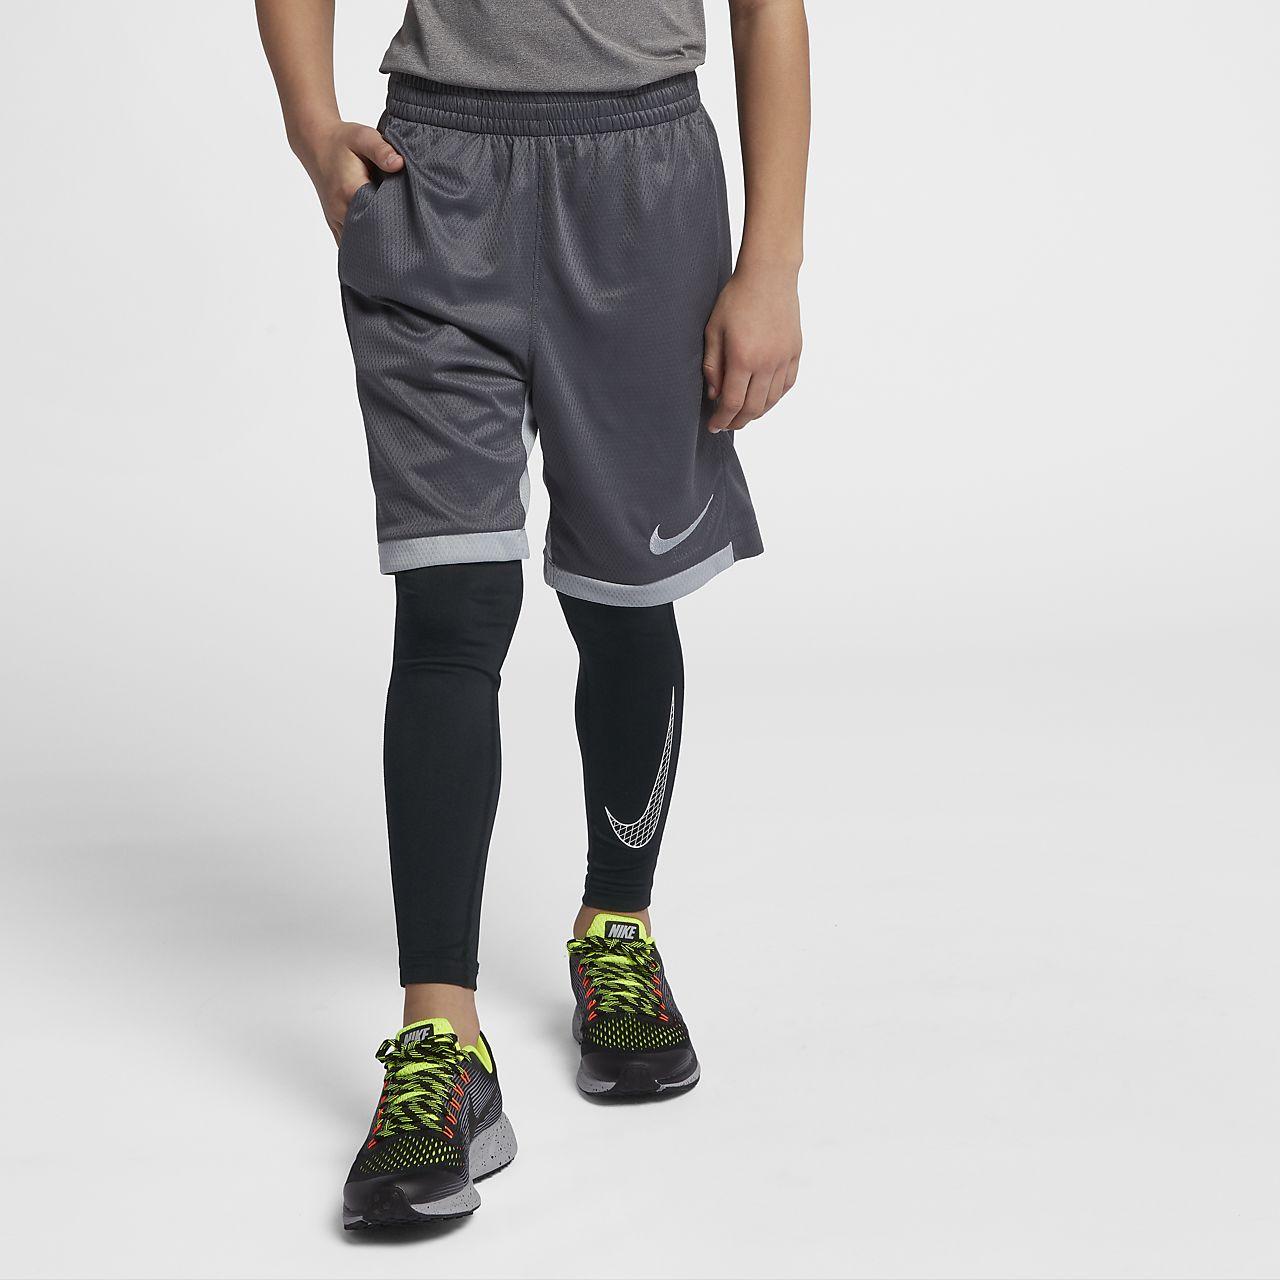 283ab698d Nike Pro Mallas de entrenamiento - Niño. Nike.com ES